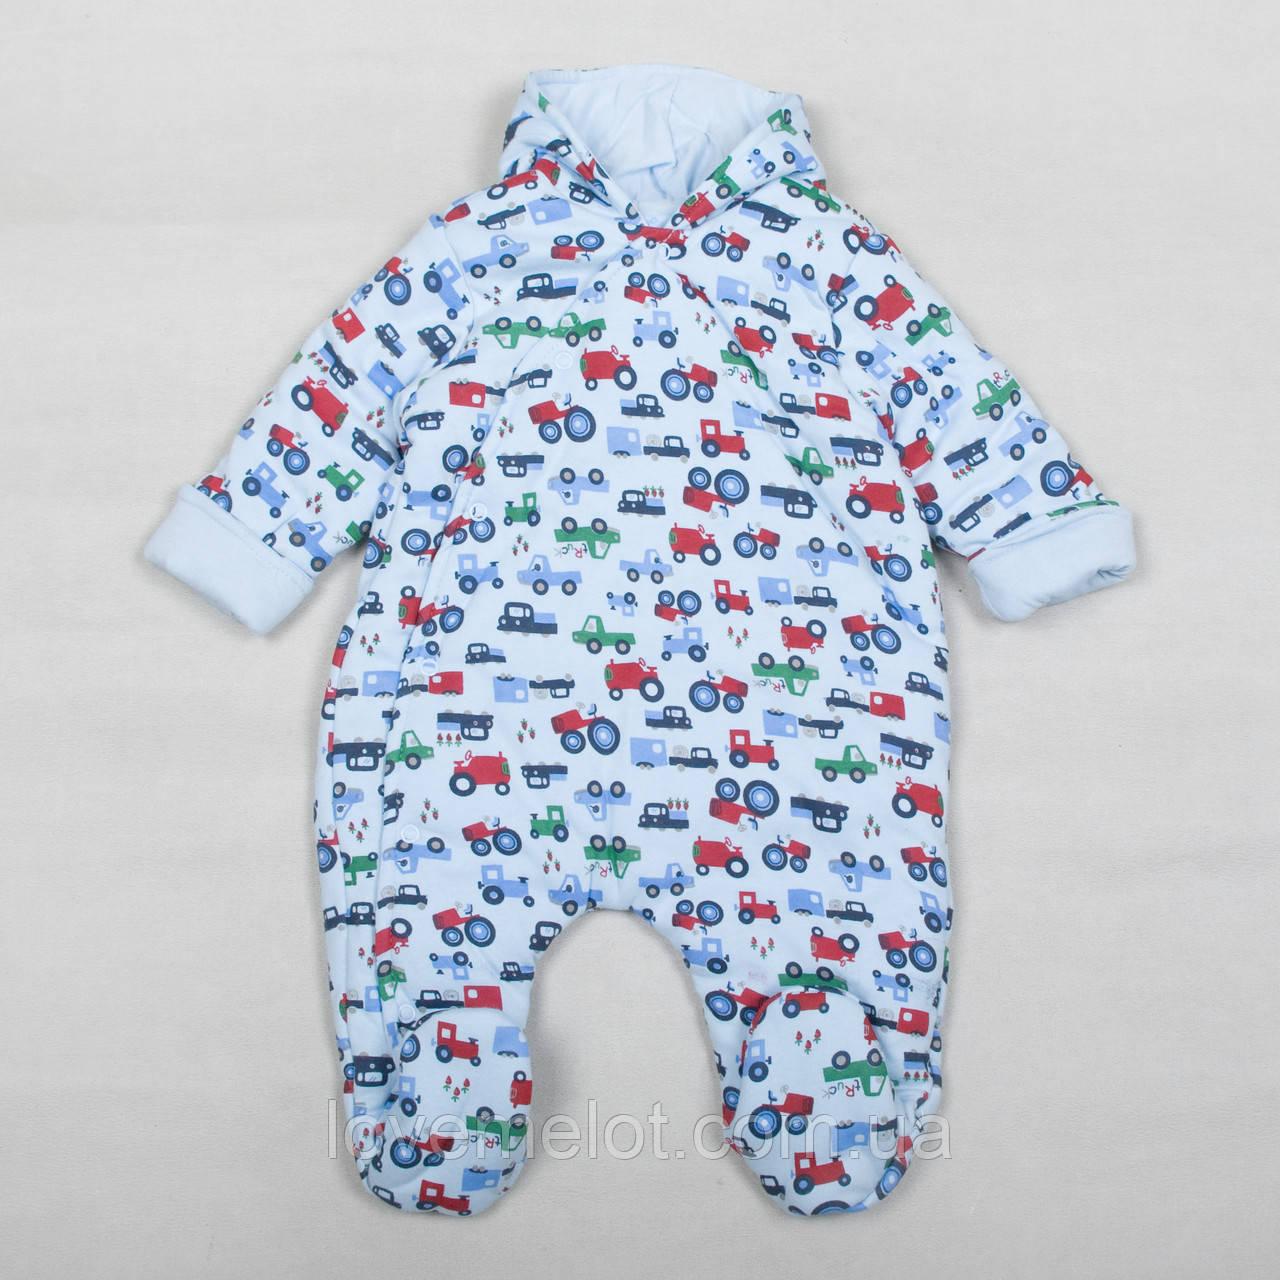 """Детский комбинезон для мальчика """"Тино"""" для новорожденного, рост 56, 62 и 68см"""